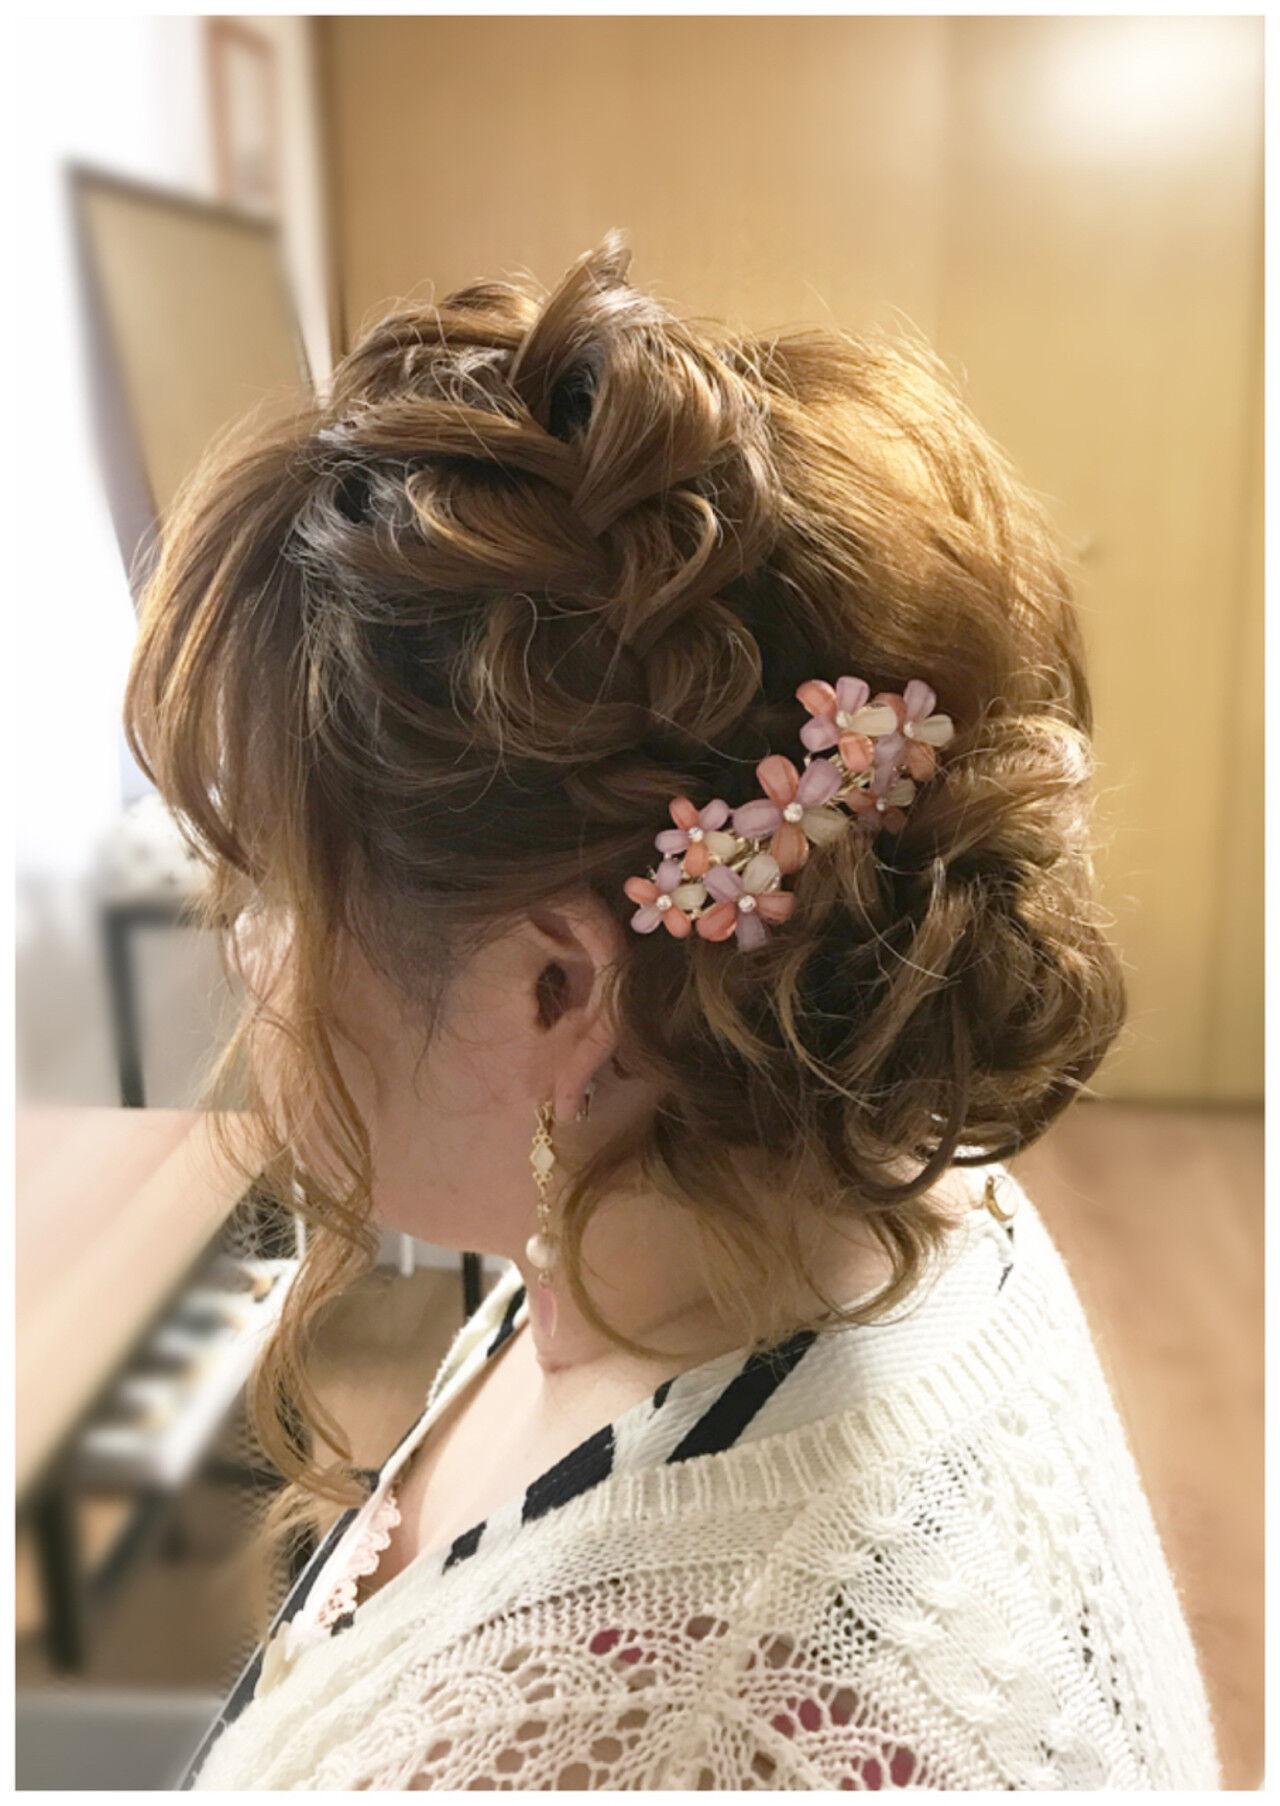 ミディアム 結婚式 夏 パーティヘアスタイルや髪型の写真・画像